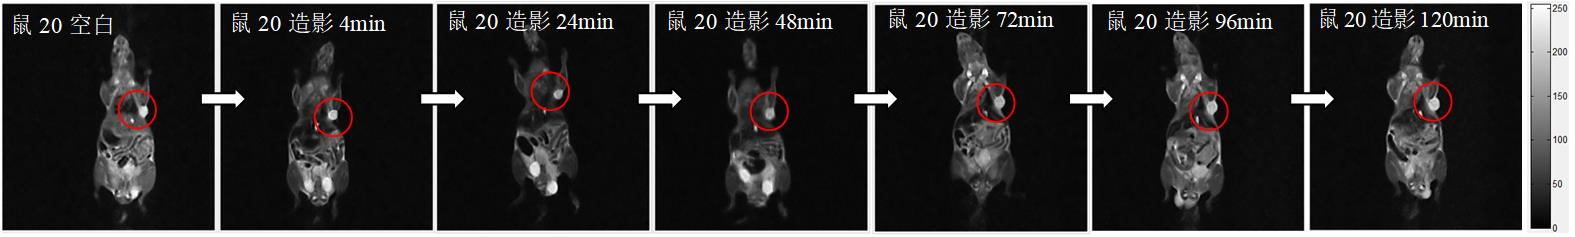 小鼠皮下肿瘤磁共振造影成像实验